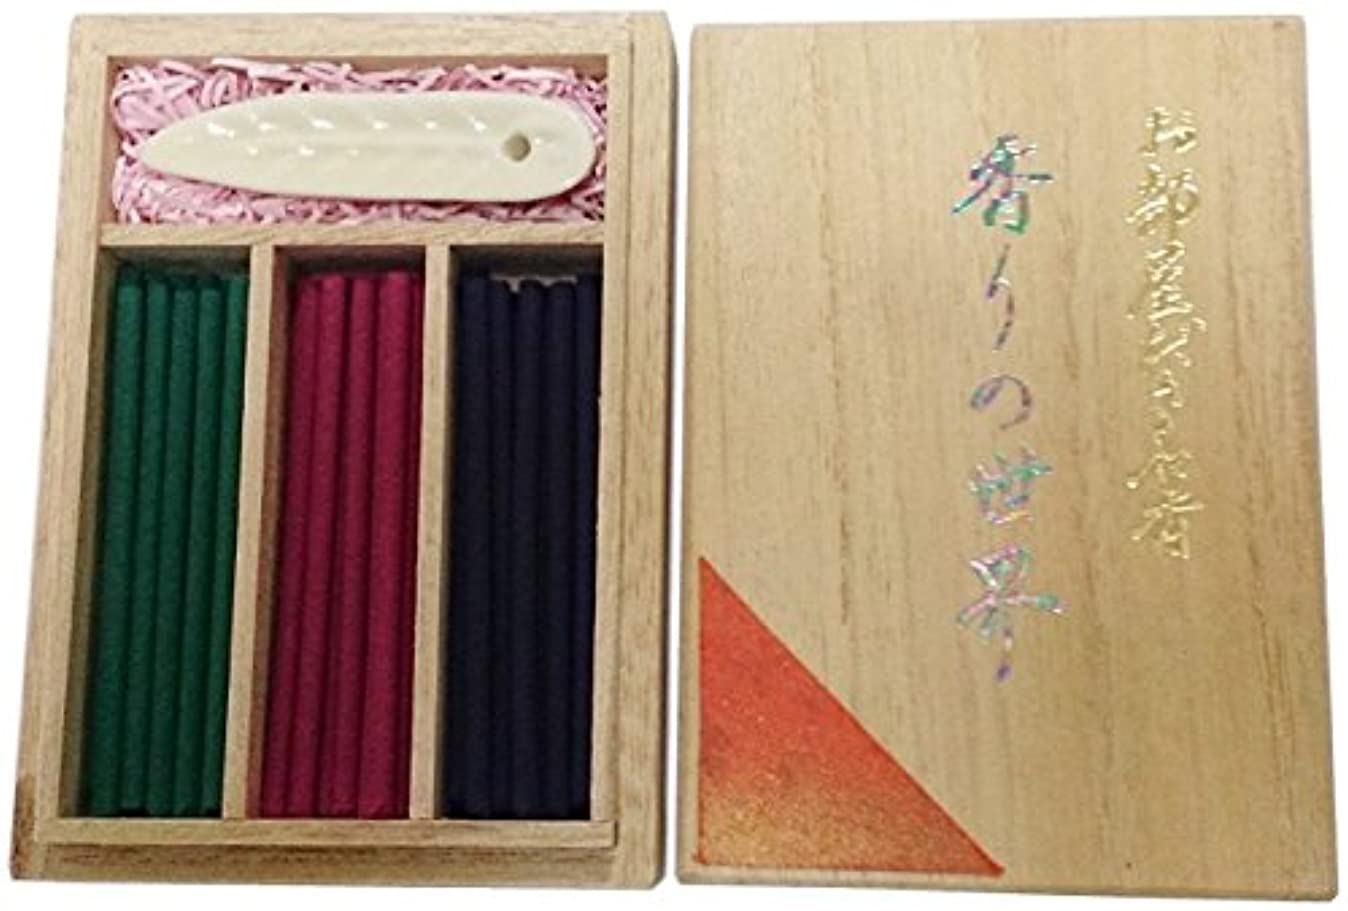 ストリップエーカーアミューズ淡路梅薫堂のお香 スティック 贈り物 ギフト 香りの世界 桐箱 #651